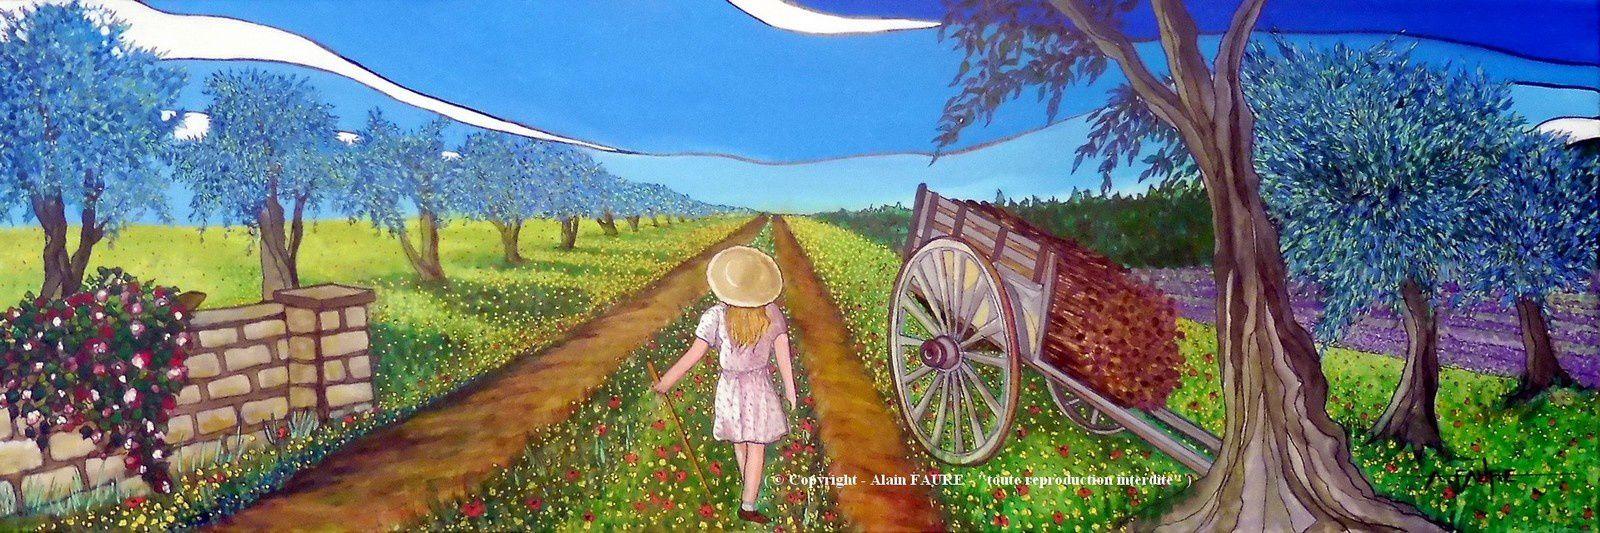 L'ECOLE BUISSONNIERE Acrylique sur Toile : 120 x 40.........1250 € .  C'est la fin du printemps et ce matin le bus scolaire n'est pas passé. Non loin du mas de ses parents, la petite Fanette a décidé de partir en promenade sur le grand chemin bordé d'oliviers, là au beau milieu des fleurs des champs. Et dire qu'au 17ème siècle, certains auteurs affirmaient que l'école était buissonnière lorsqu'on la fréquentait si peu, que les ronces et les buissons y naissaient.